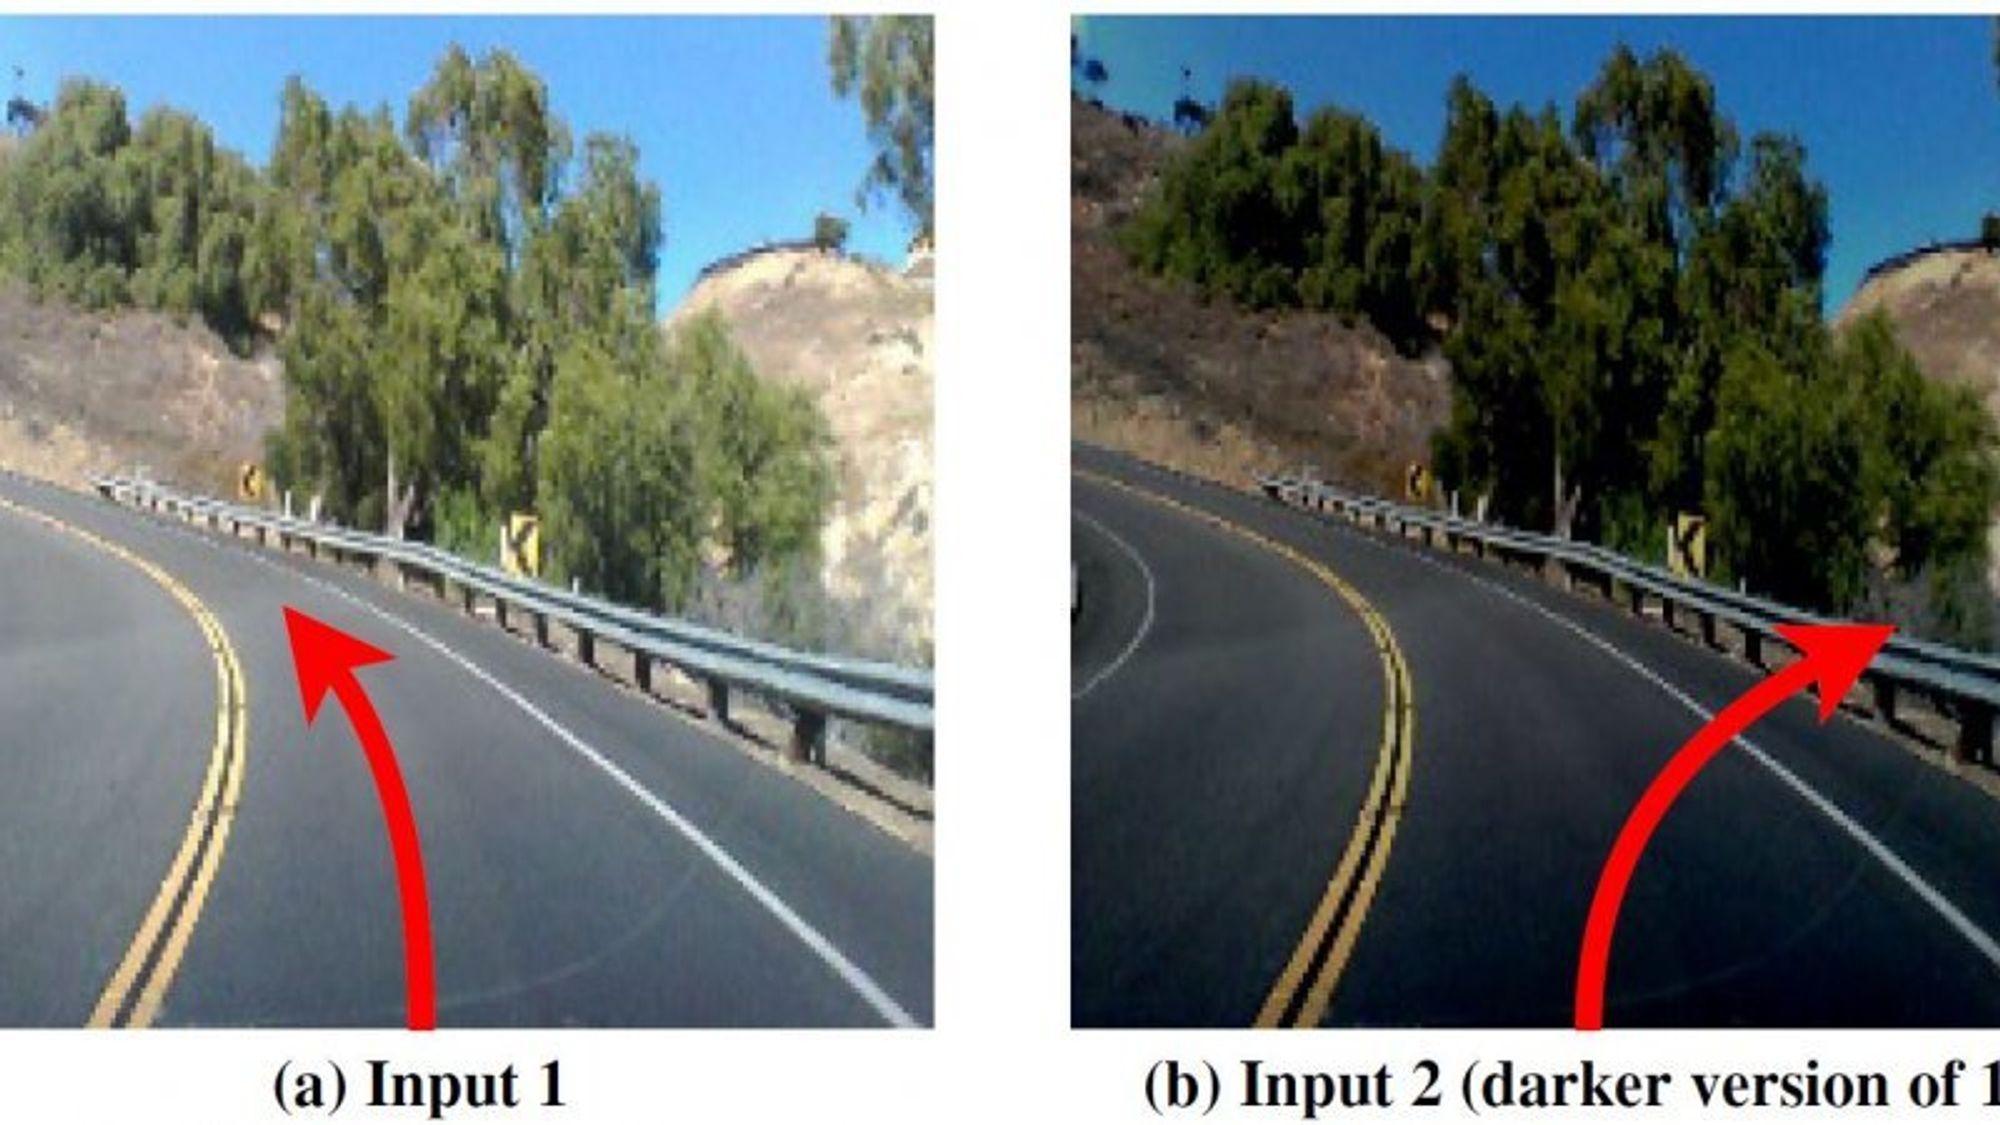 For et menneske er det ikke særlig store forskjell på disse to bildene. Men forskerne bak et nytt testverktøy for kunstig intelligens, fant ut at selv små endringer i et bilde kunne få en selvkjørende bil til å foreta en potensiell fatal feilbedømning. Forskerne fant tusenvis av tilsvarende feil.